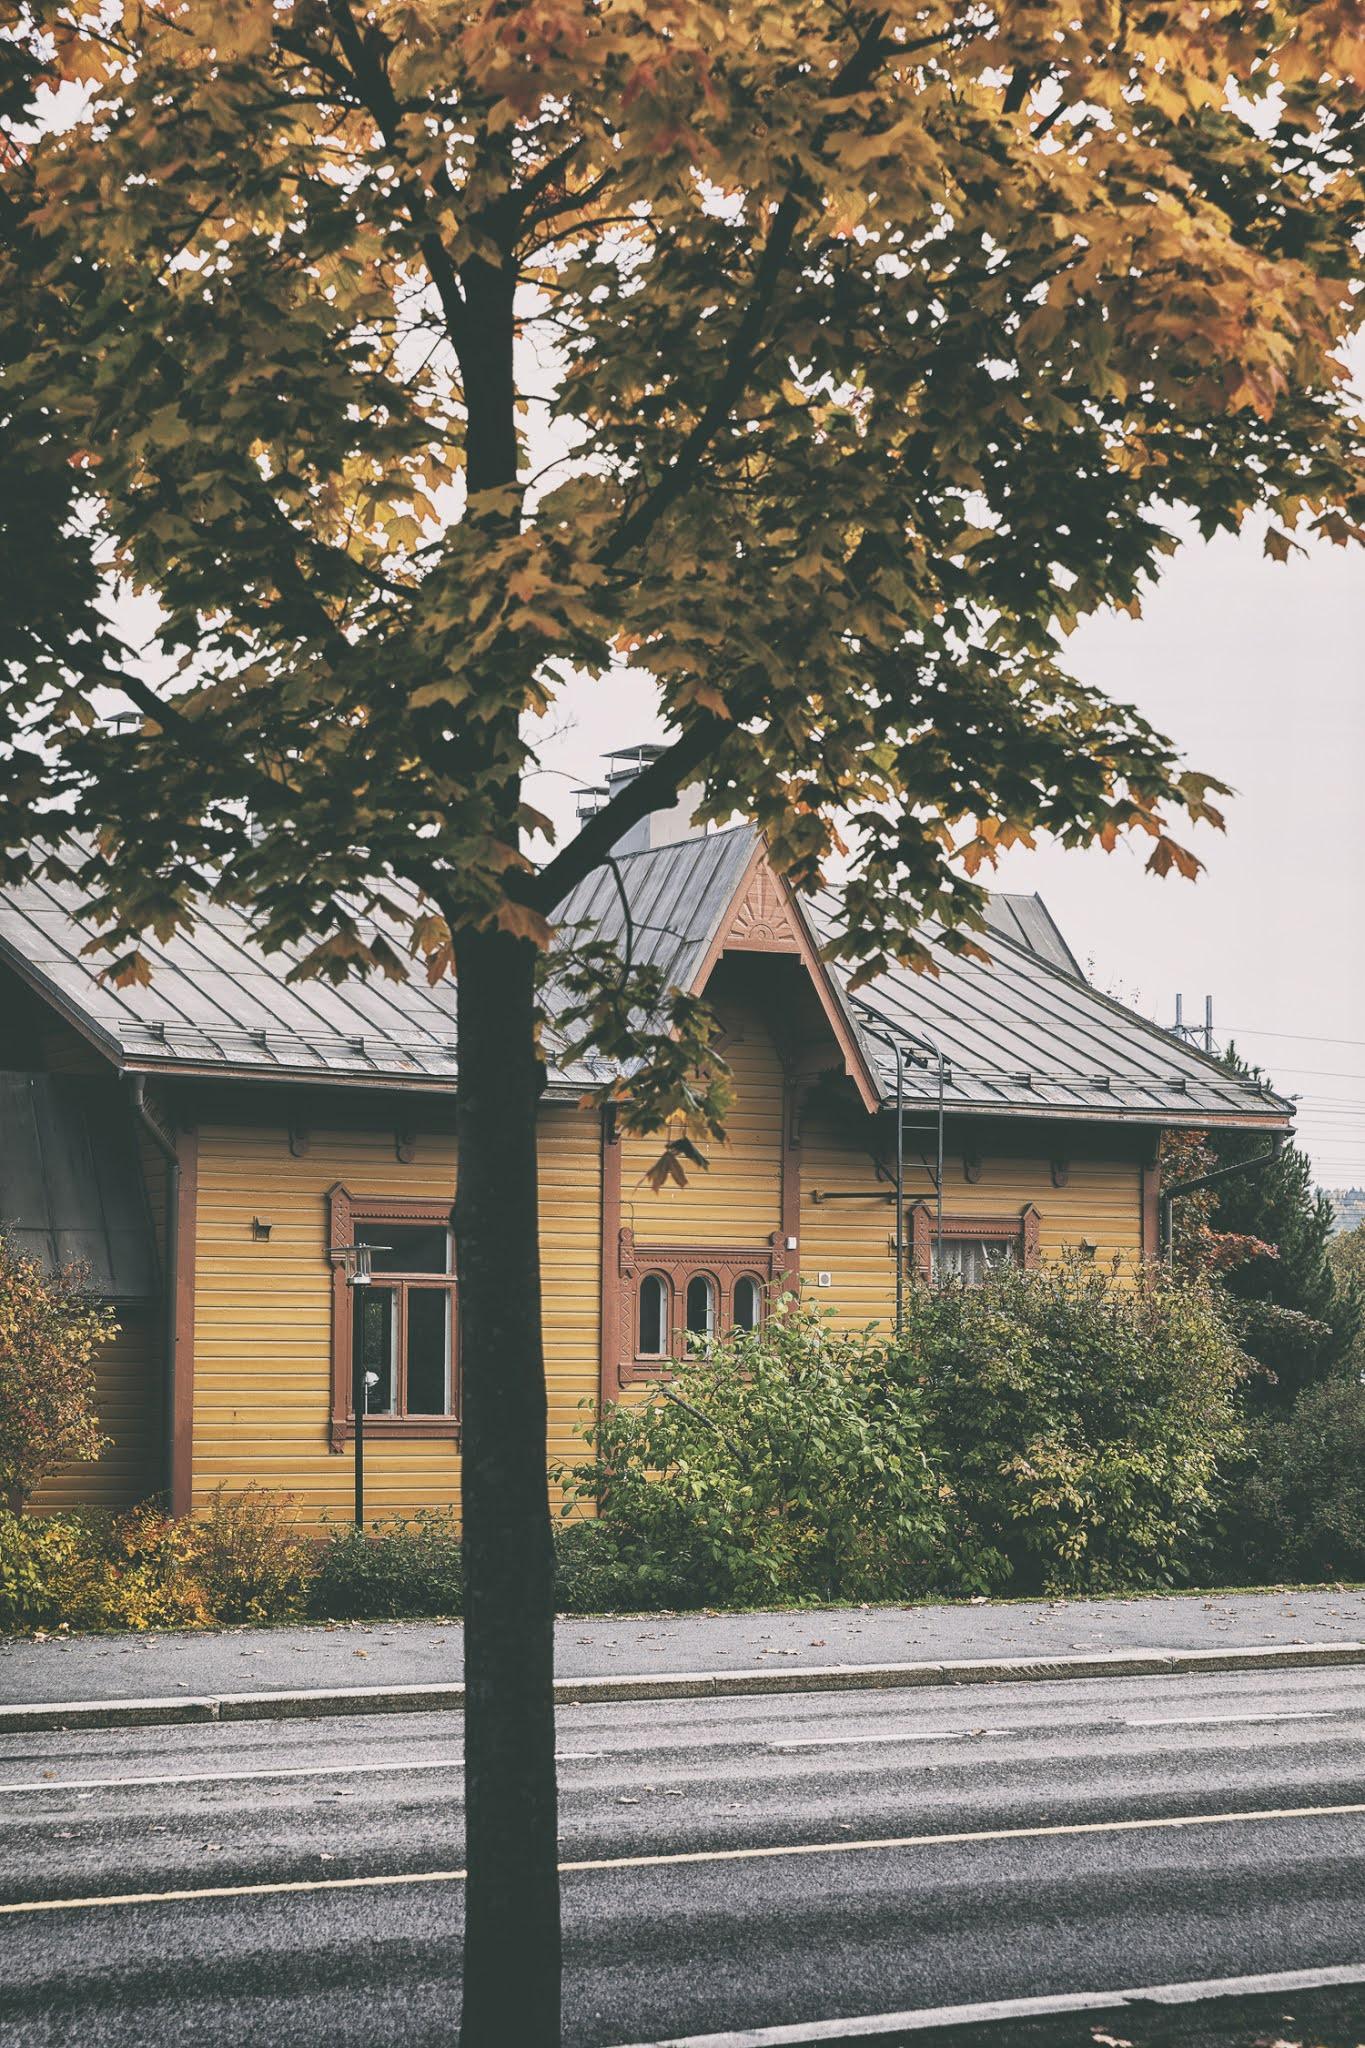 Jyväskylä, Hotelli, visitjyväskylä, suomi, finland, visitfinland, kotimaa, matkailu, matkustus, valokuvaaja, Frida steiner, visualaddictfrida, matkablogi, blogi, visualaddict, arkkitehtuuri,